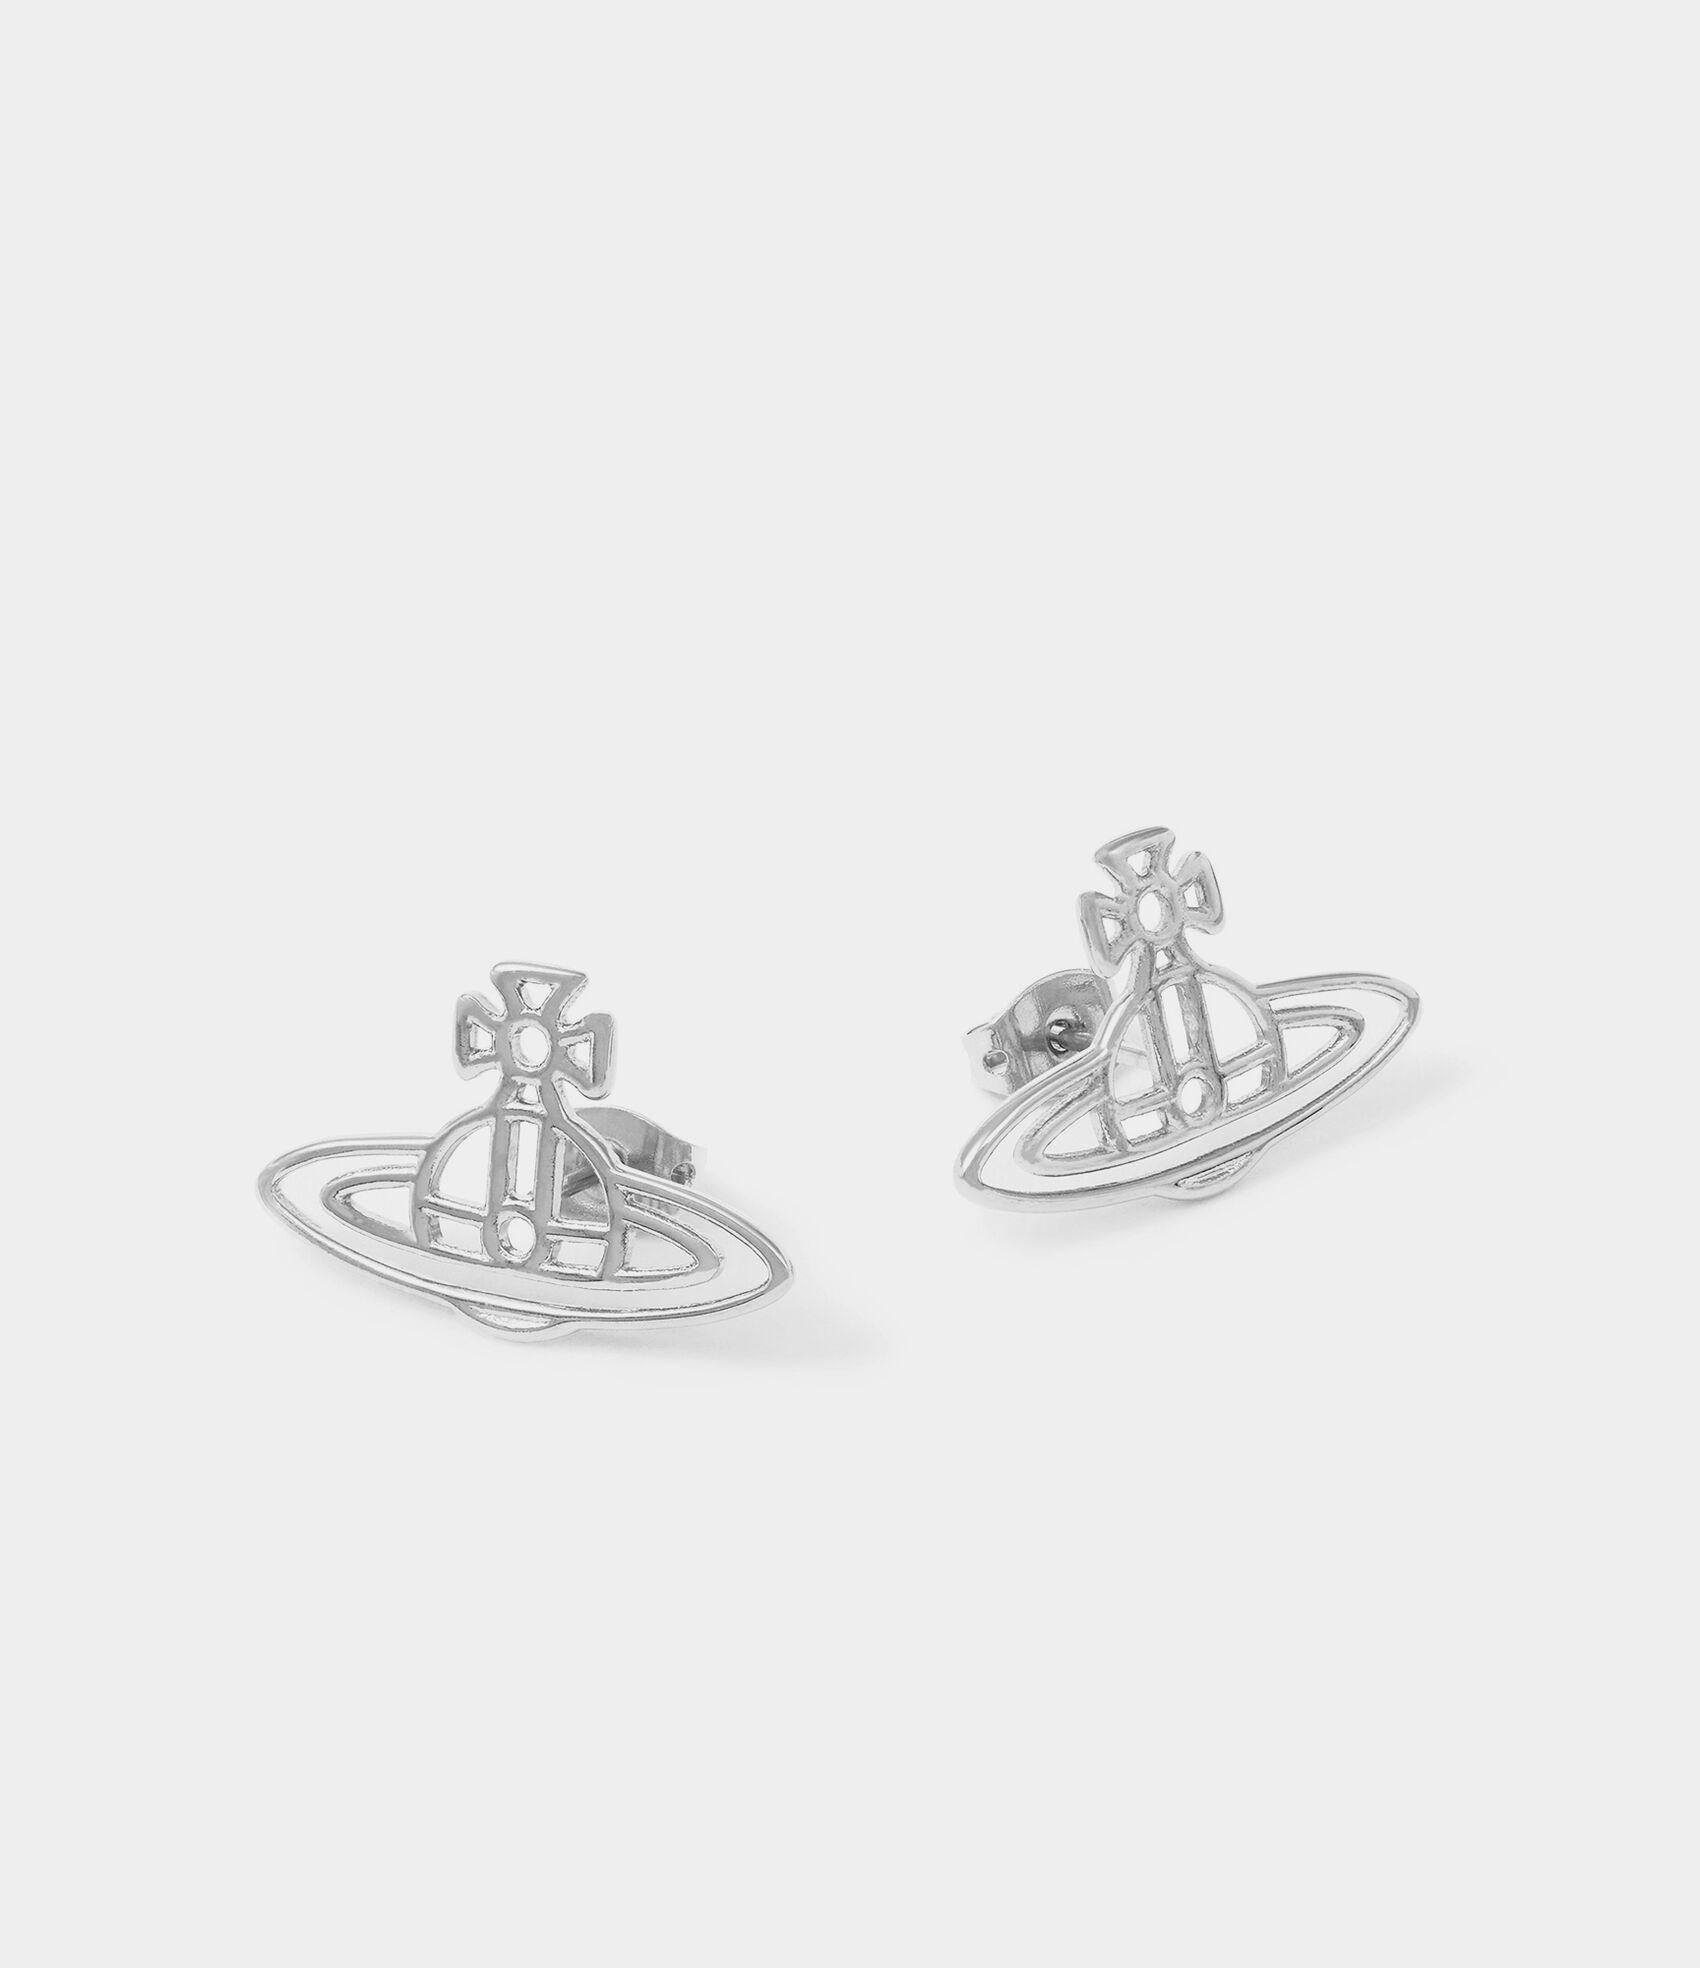 8f44b8b62 Thin Lines Flat Orb Stud Earrings | Women's Earrings | Vivienne ...